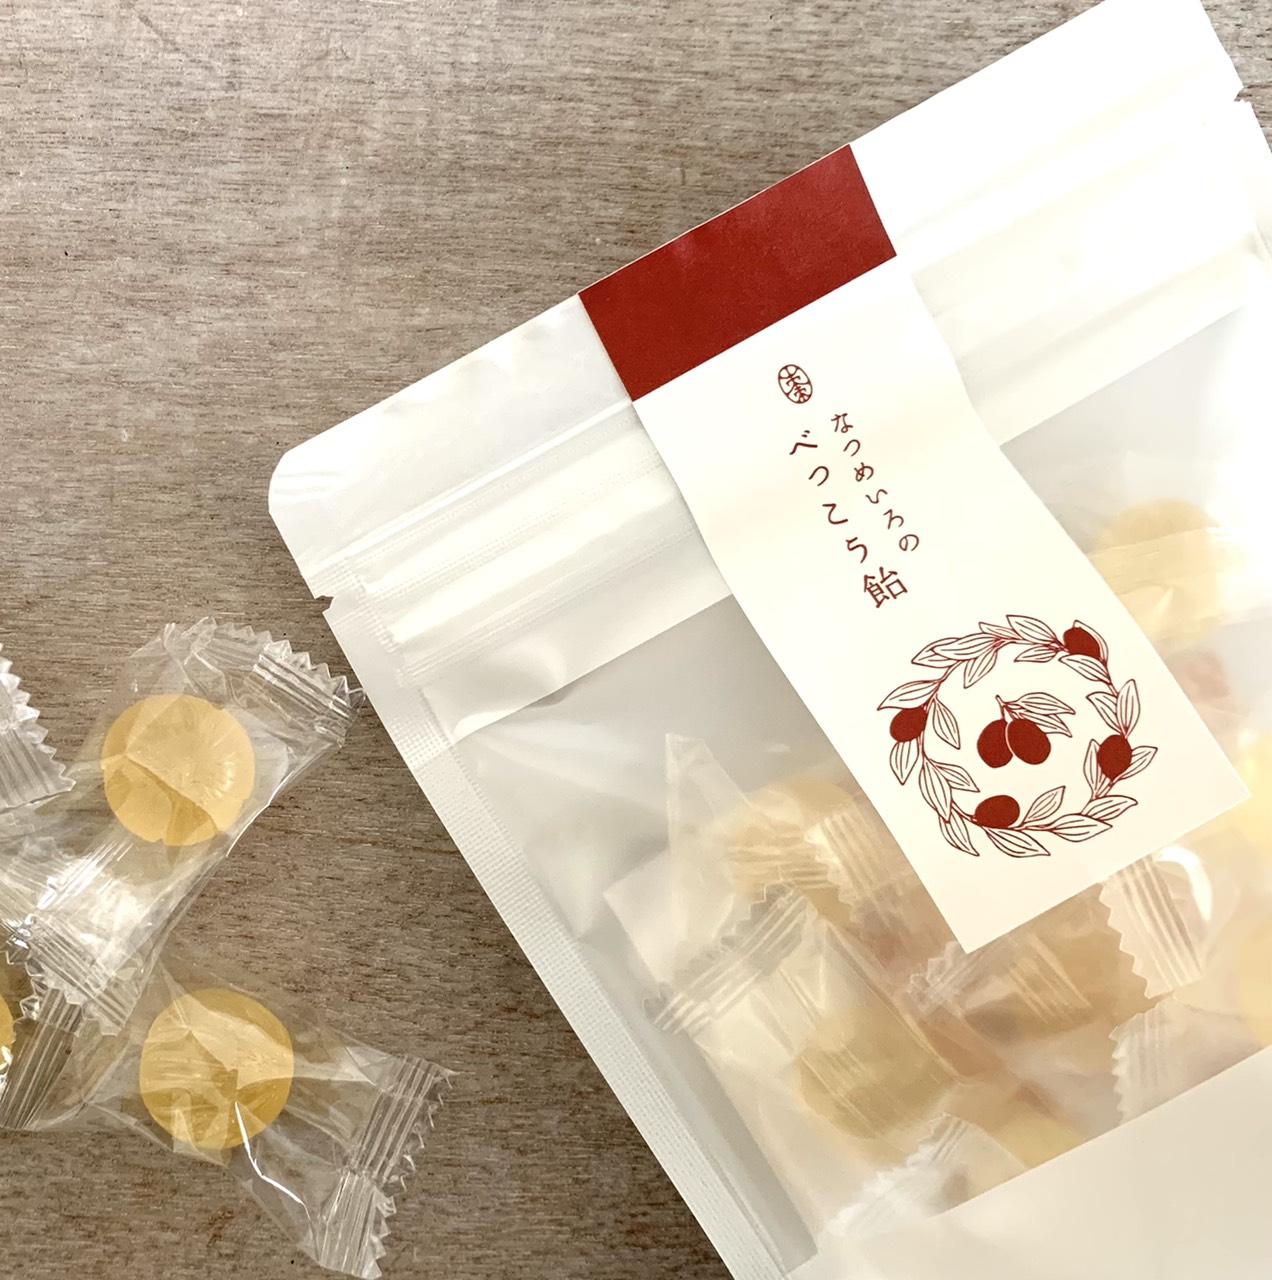 〔新商品〕なつめいろのべっこう飴 3袋セット(京飴・無添加)